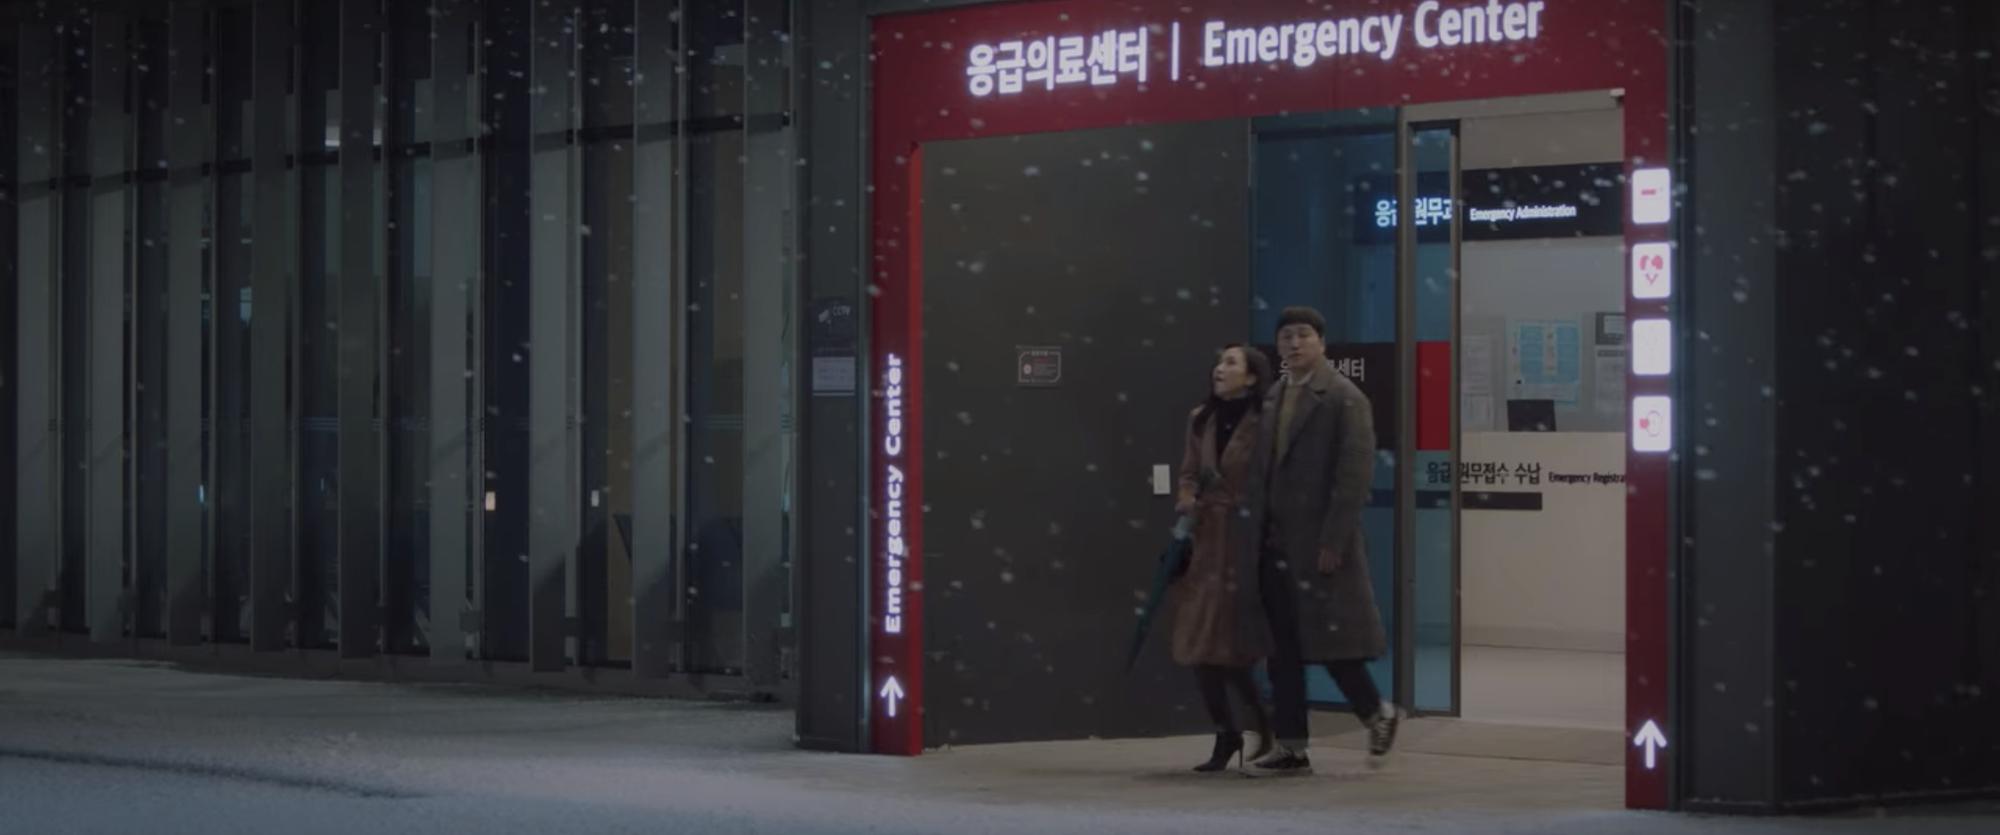 Hospital Playlist 2 lập kỷ lục rating siêu khủng trong lịch sử đài cáp, vượt mặt cả loạt bom tấn Hàn - Ảnh 5.